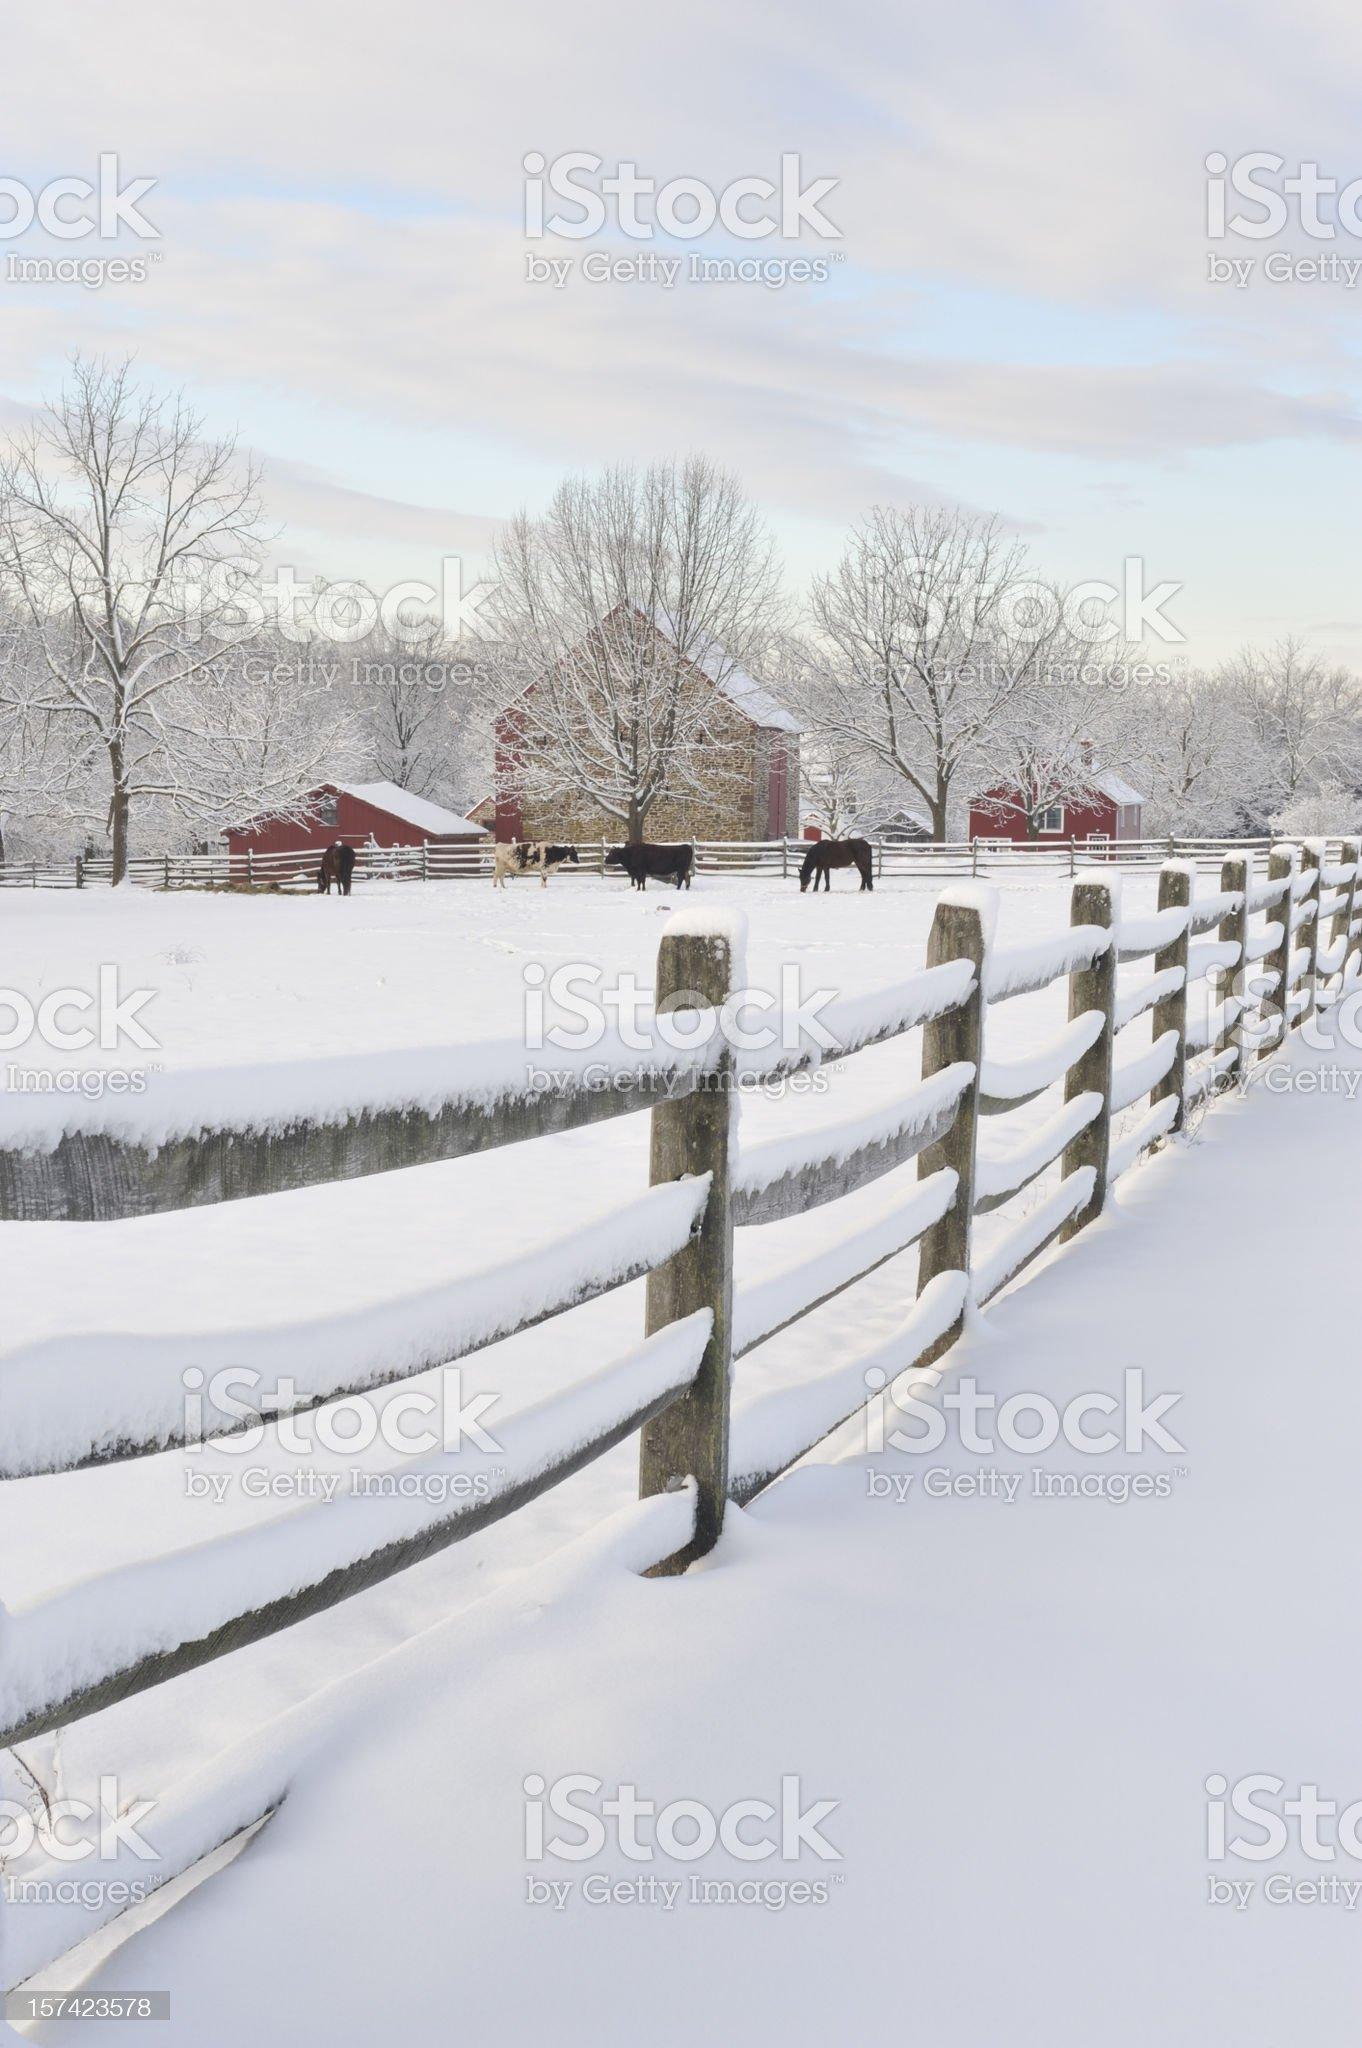 Fence at Farm royalty-free stock photo